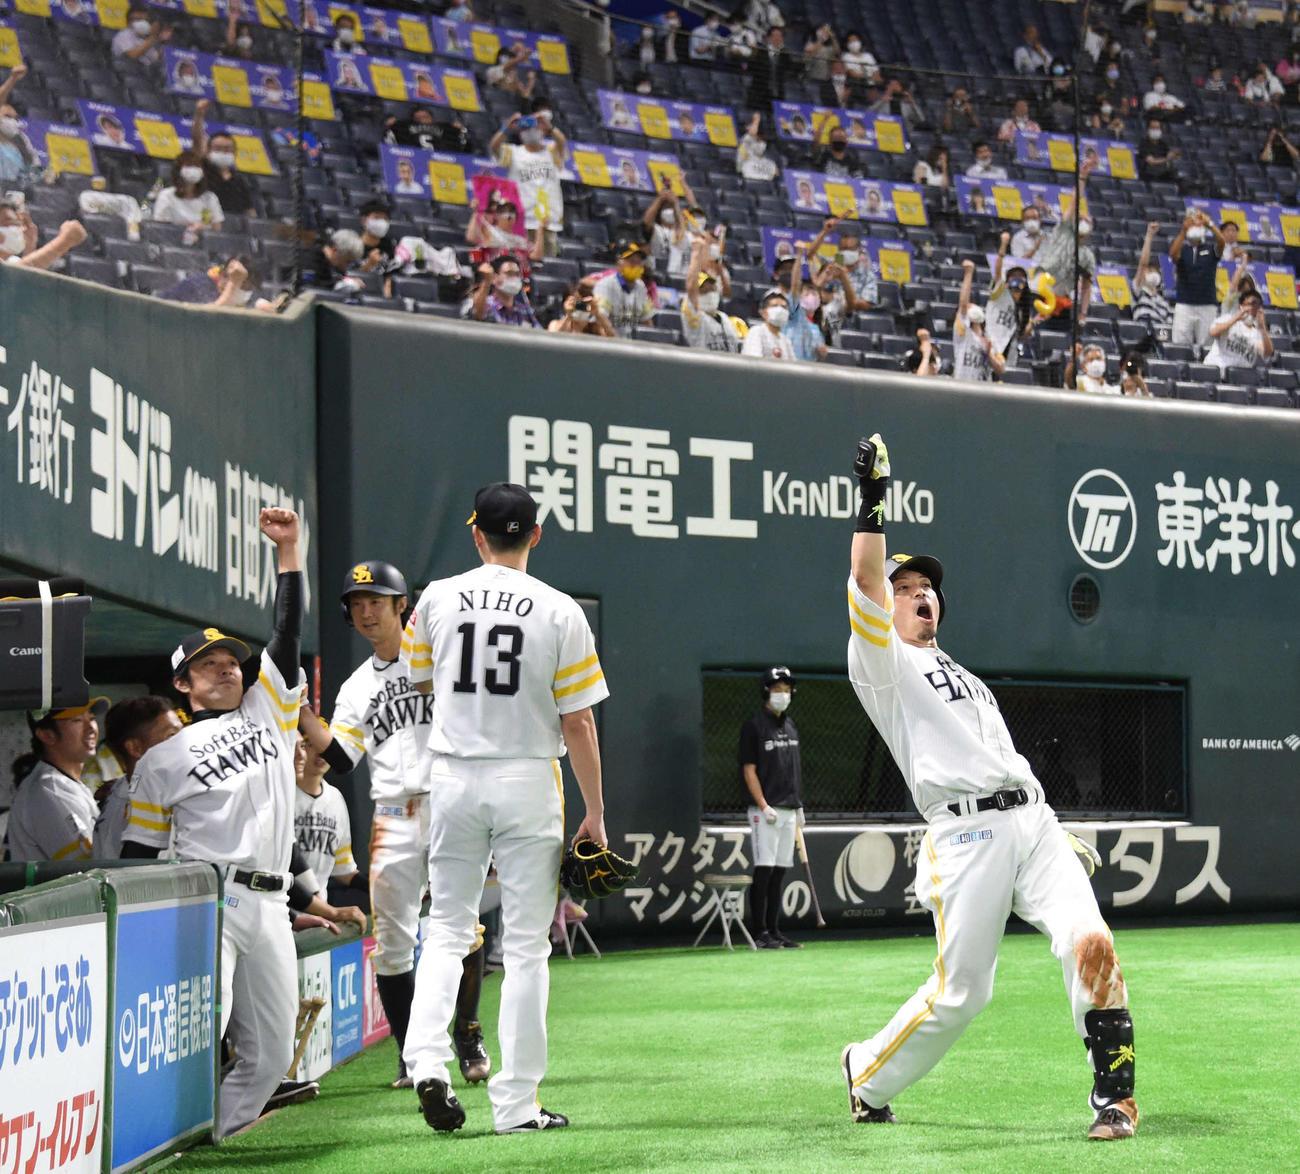 ソフトバンク対楽天 3回裏ソフトバンク2死一塁、松田宣は左中間に同点の2点本塁打を放ち、ベンチ前で「熱男」と叫ぶ(撮影・今浪浩三)